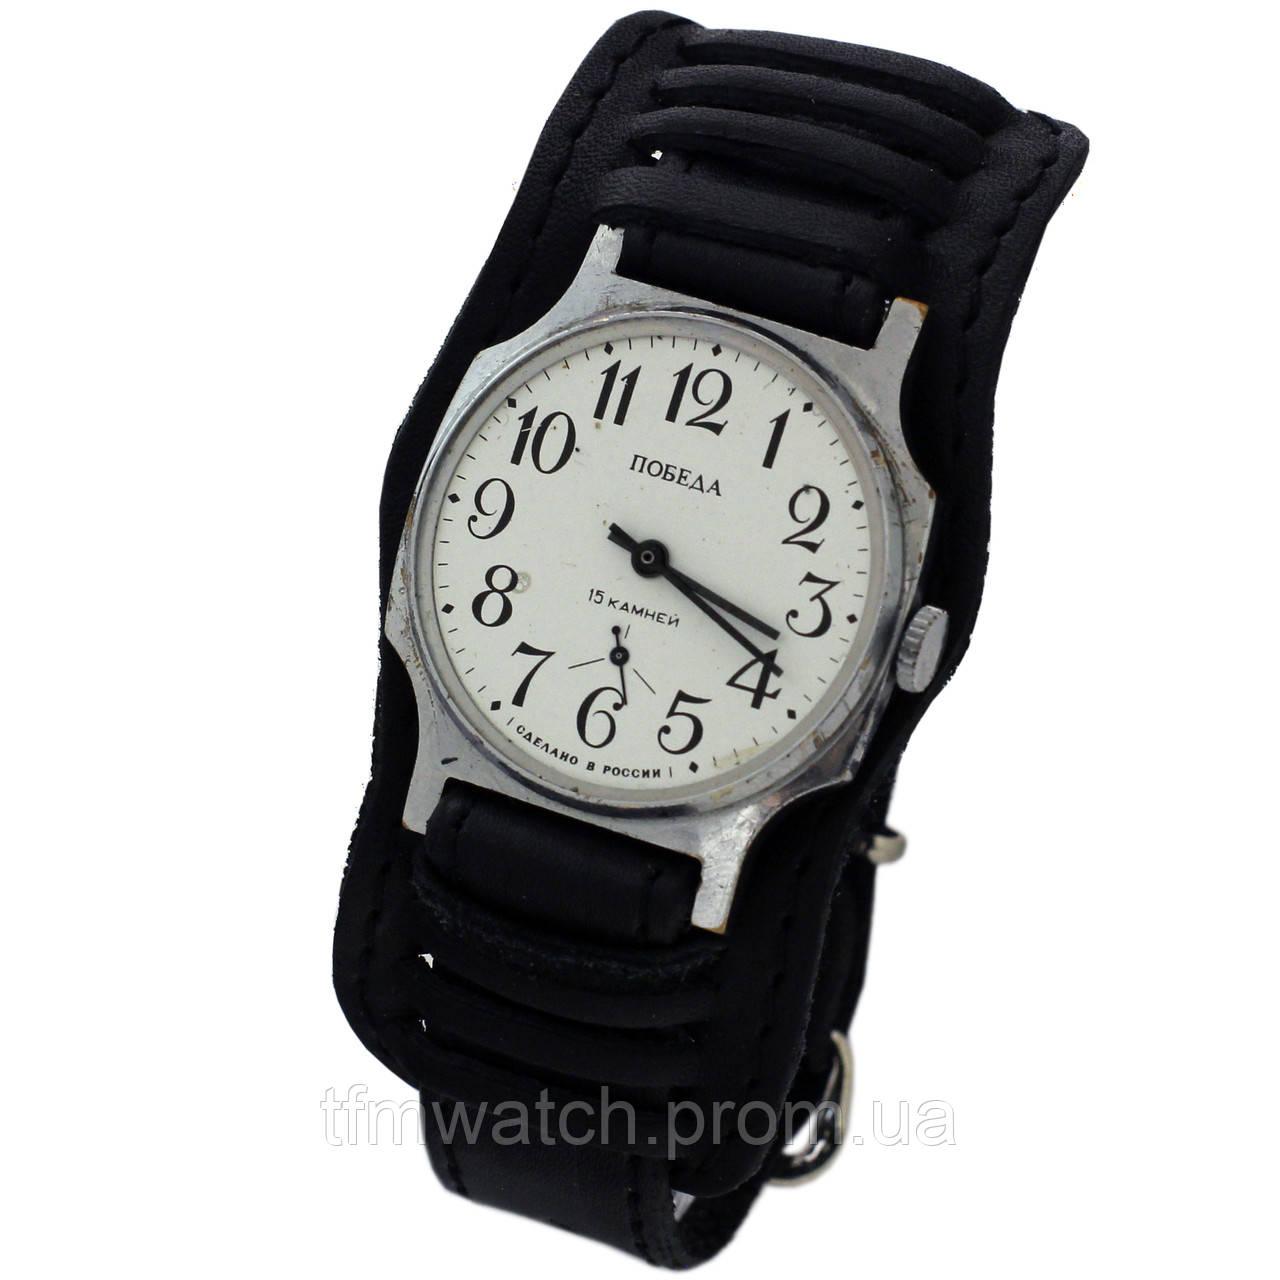 678a7145 Механические часы Победа 15 камней сделано в России - Магазин старинных,  винтажных и антикварных часов